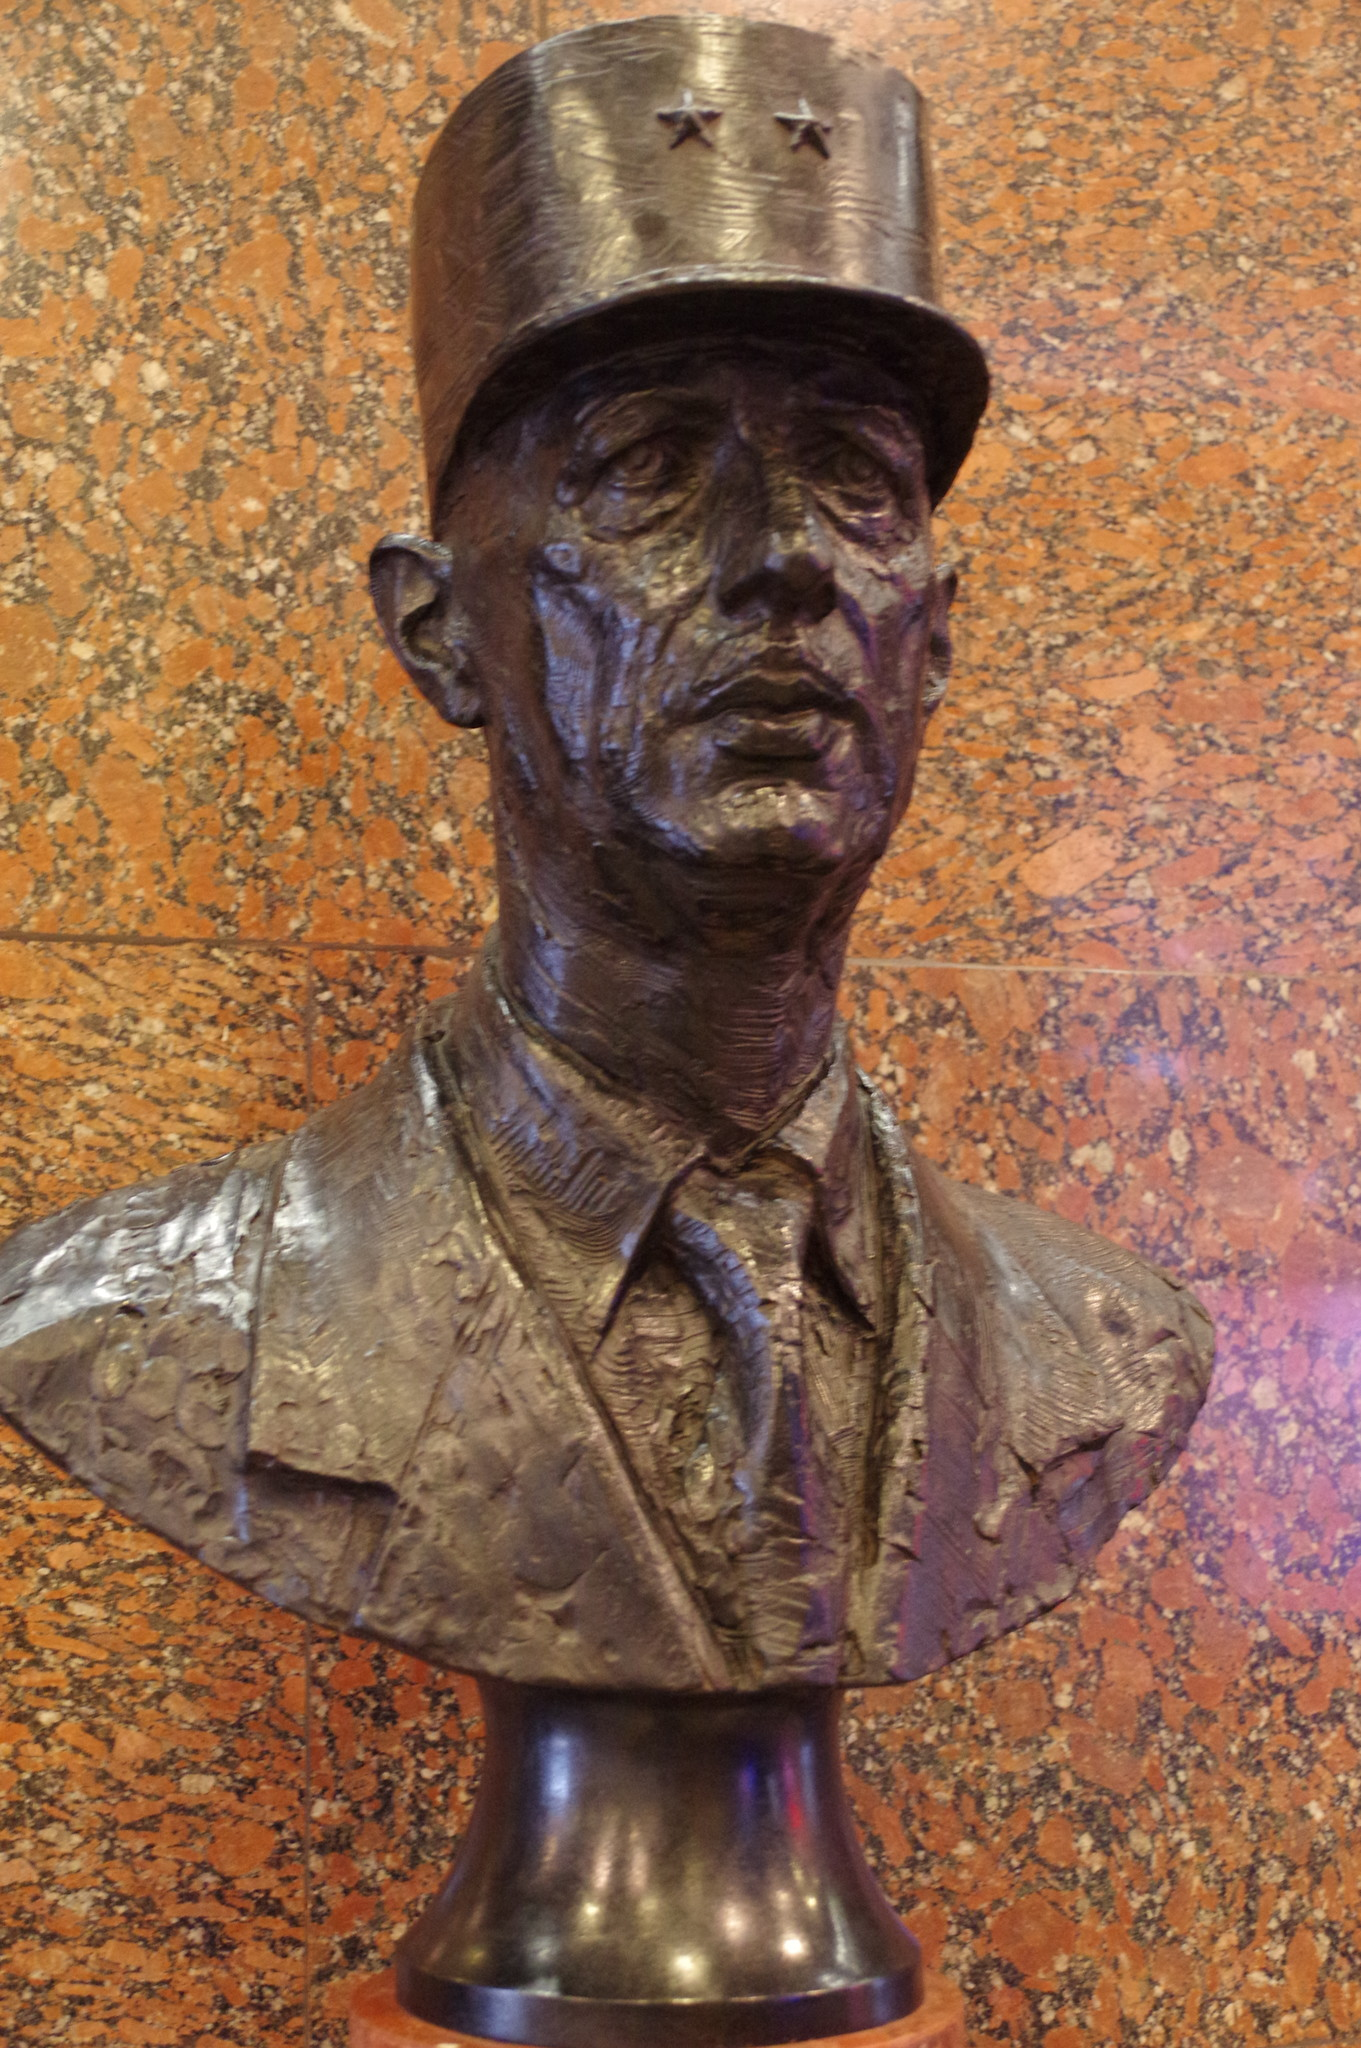 Генерал Шарль де Голль. Автор Андрей Владимирович Тыртышников. Установлен 18 июня 2013 года в Музее Победы